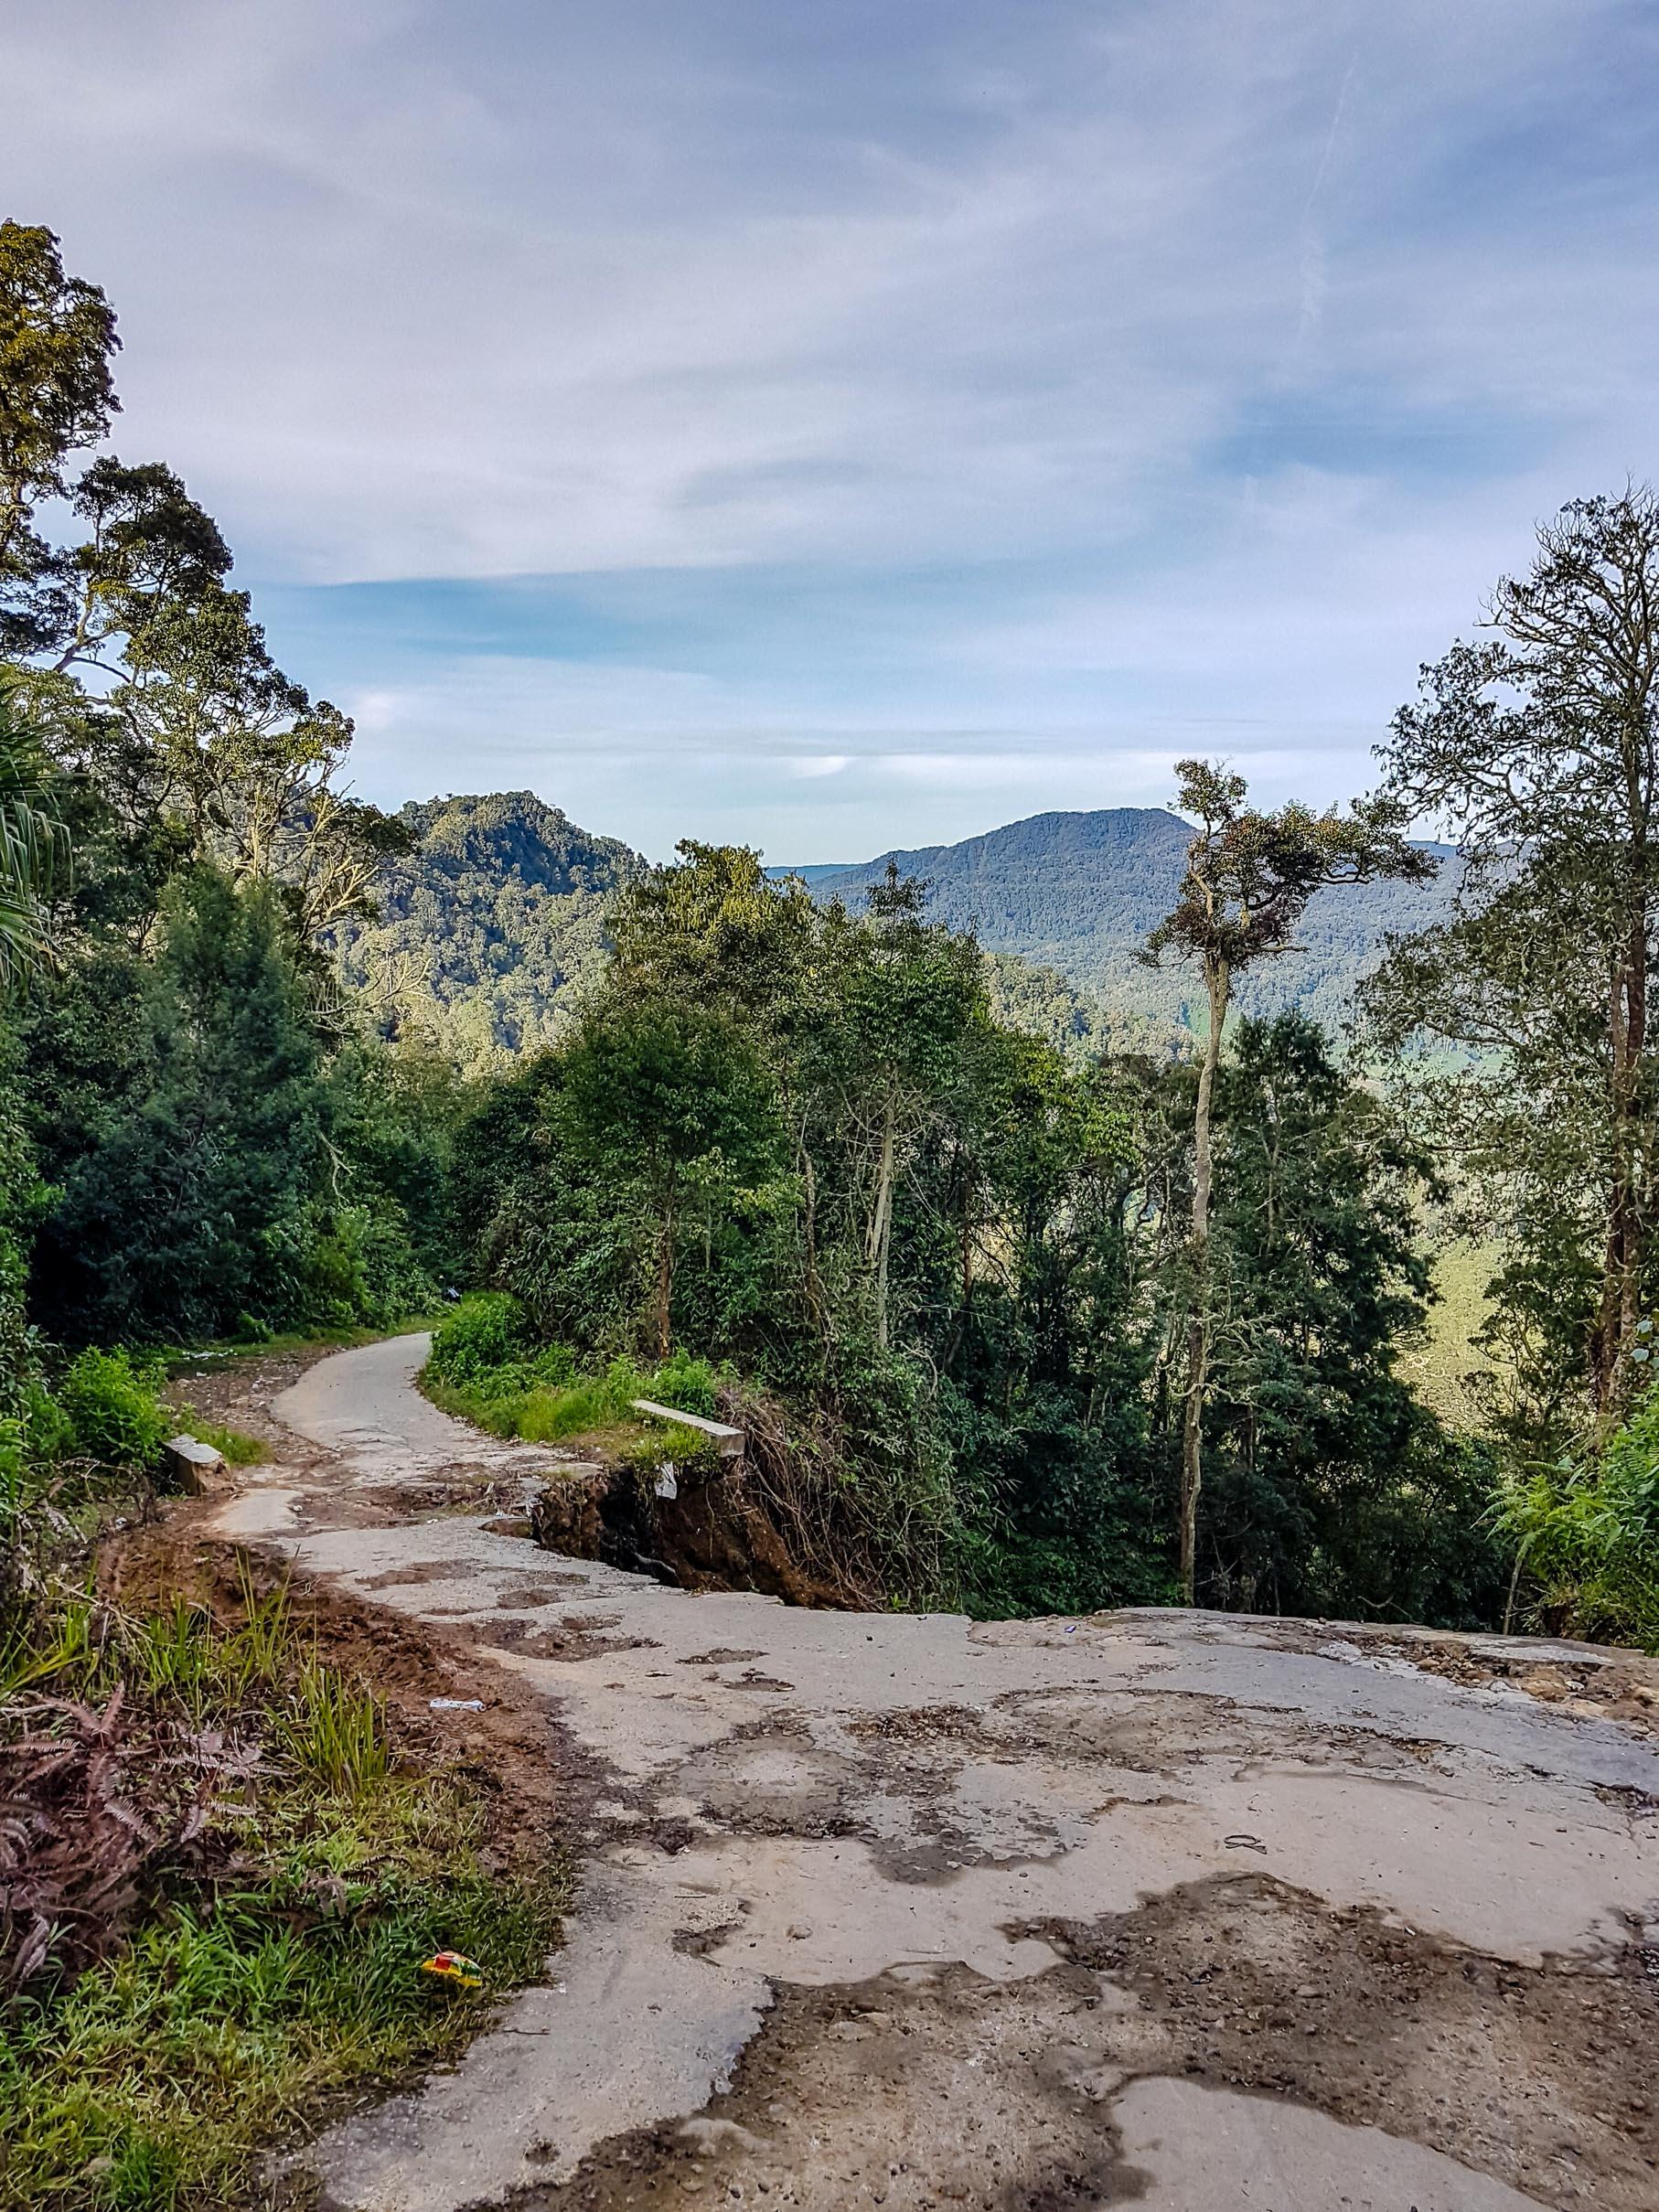 Droga asfaltowa z wyrwami prowadząca na Sibayak. Sibayak, Indonezja.